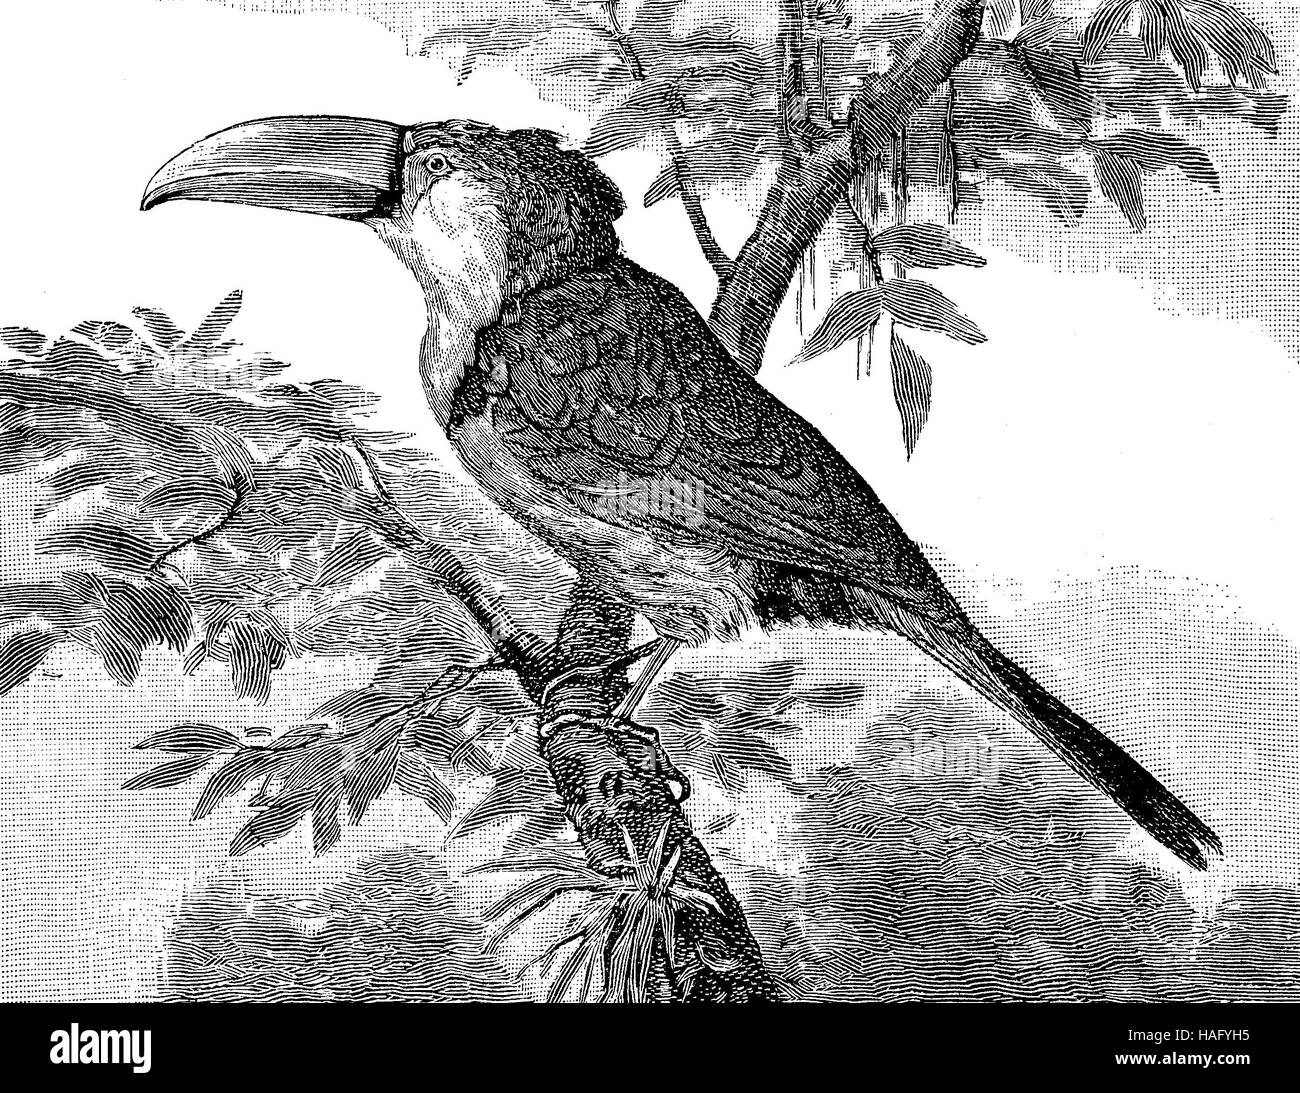 Toucan bird, xilogravura a partir do ano 1880 Imagens de Stock